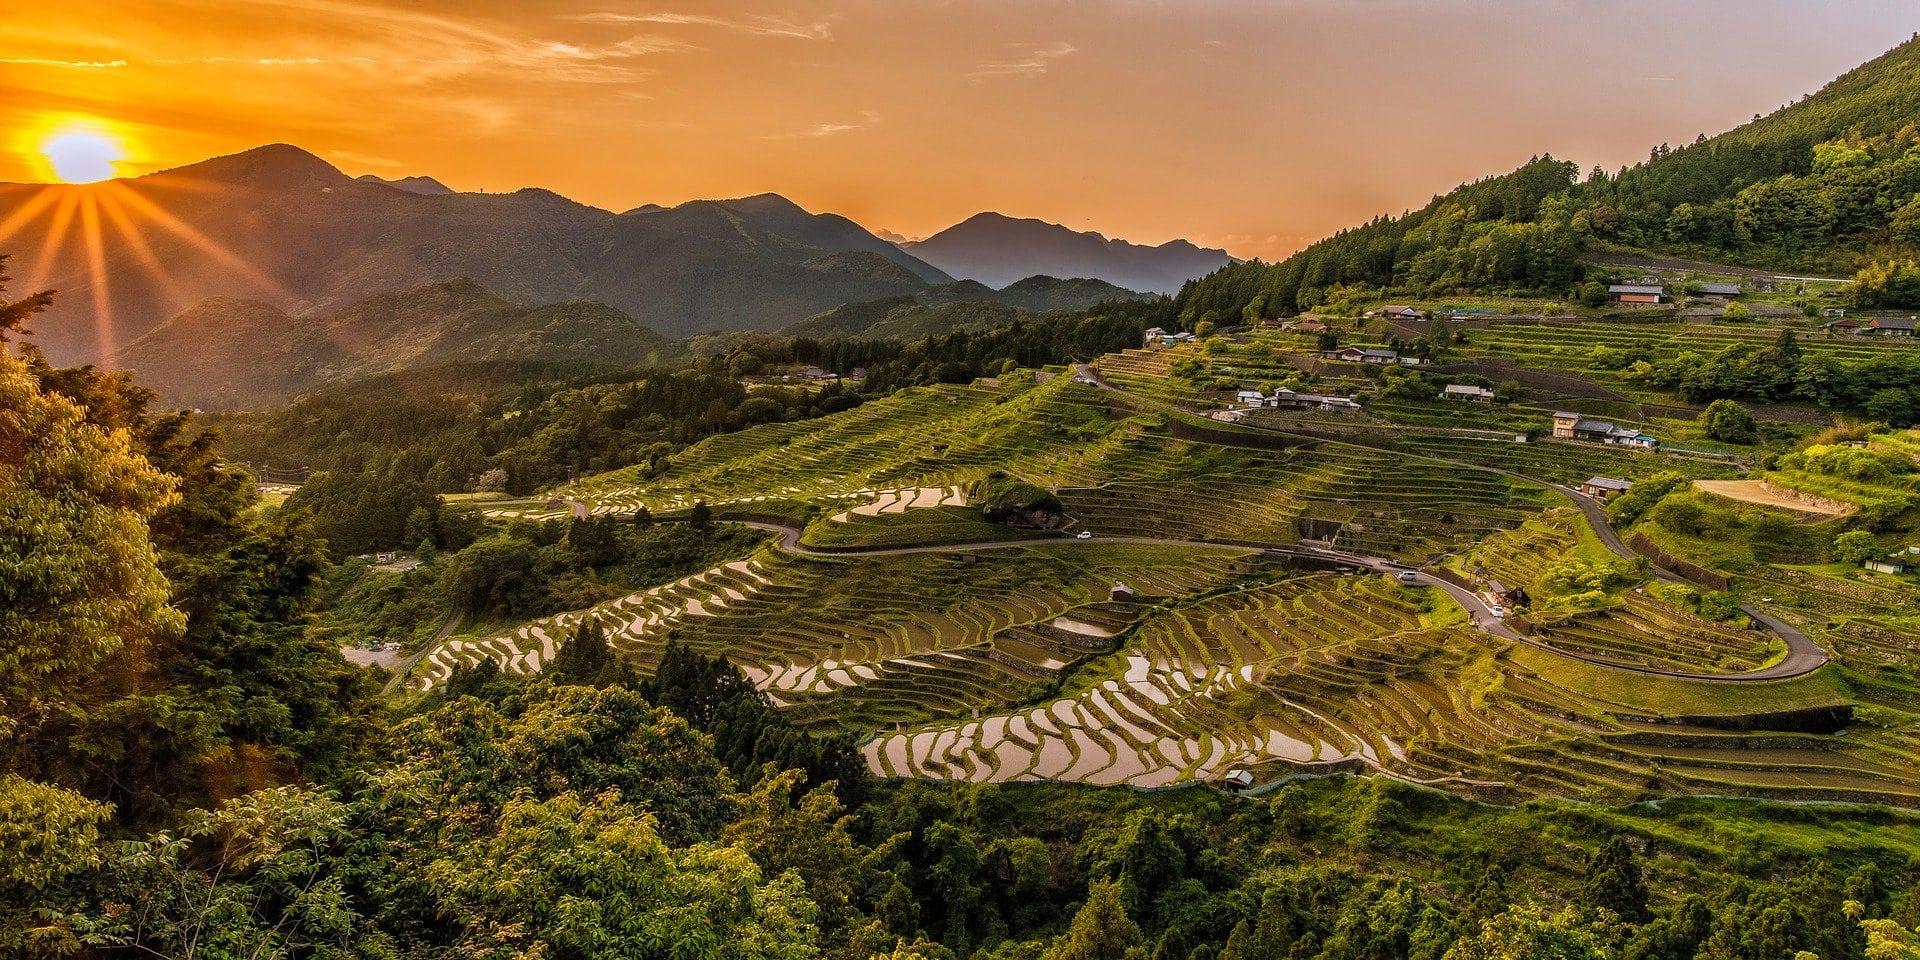 Fotografía de montañas de arrozales al amanecer